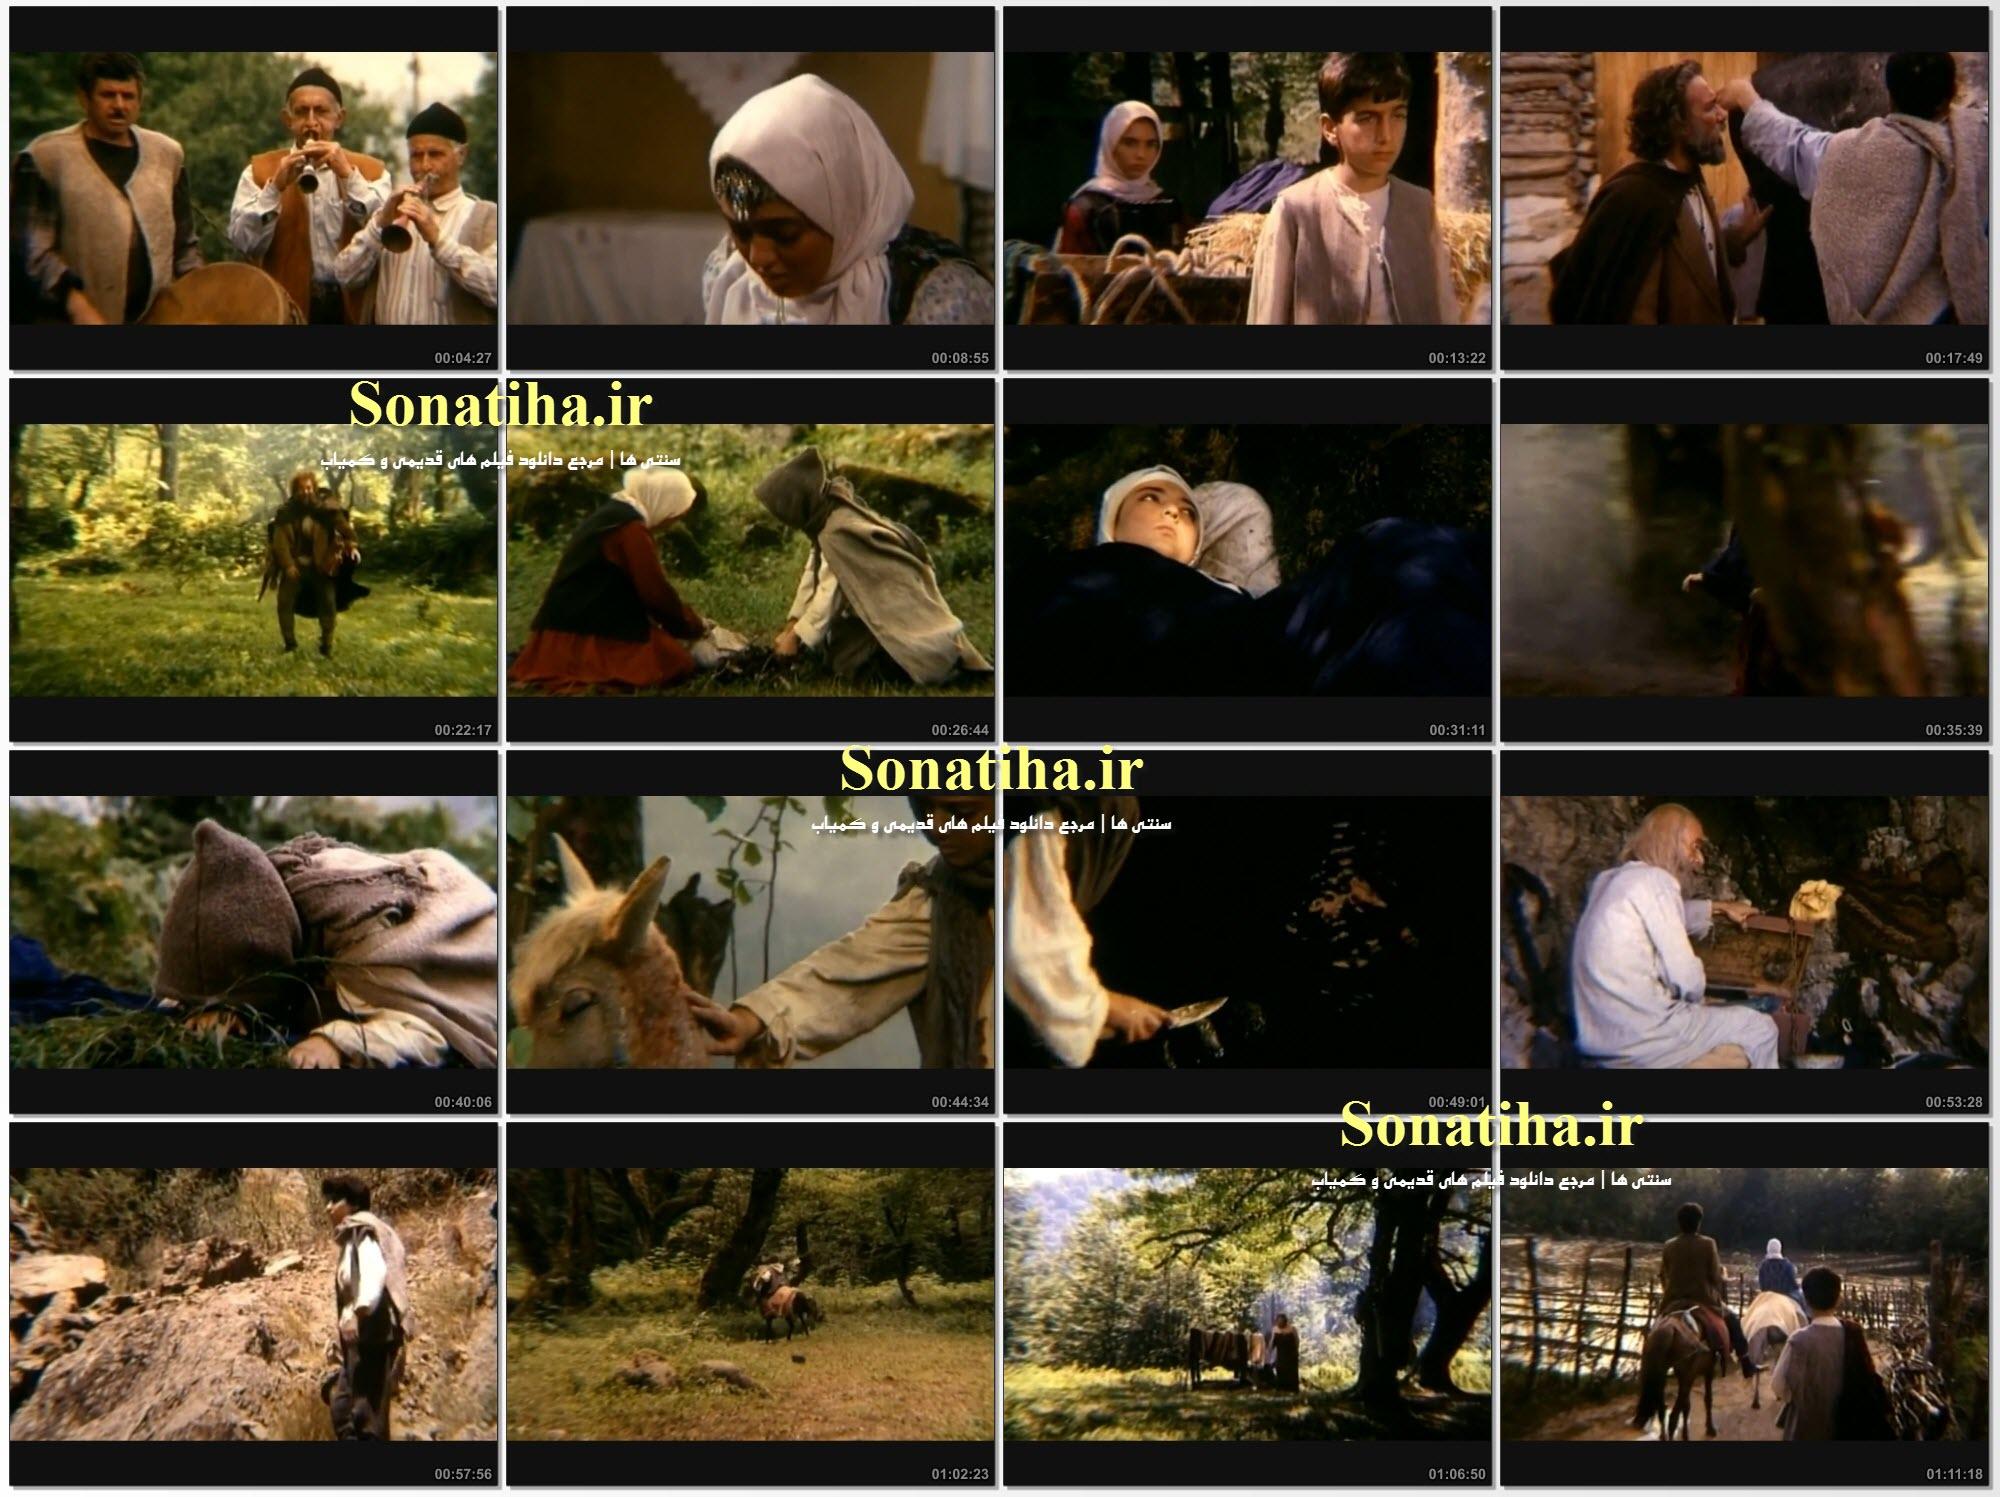 تصاویری از فیلم افسانه دو خواهر